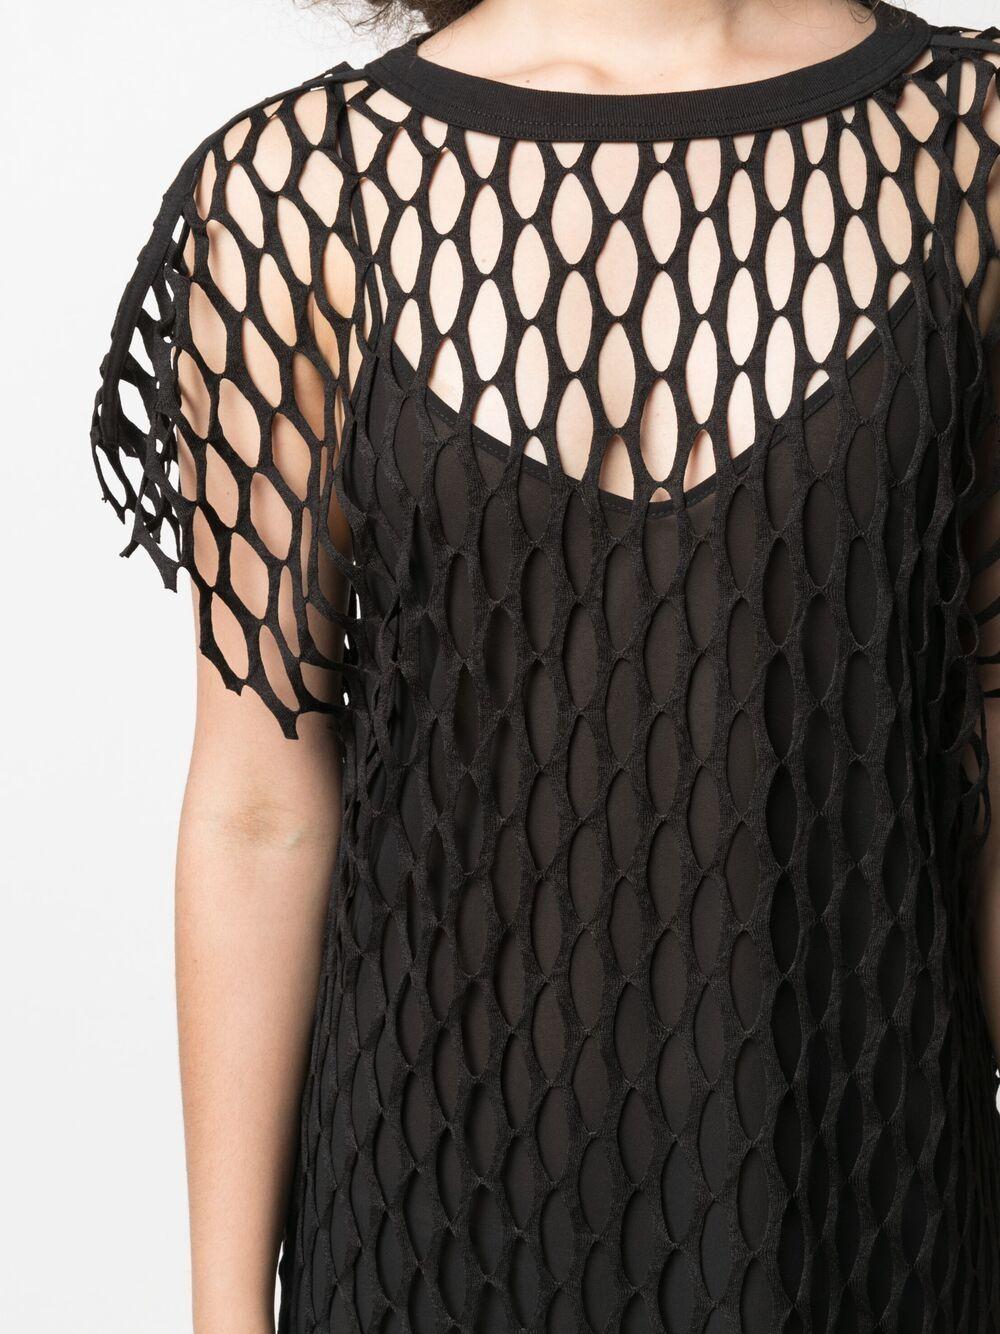 DRIES VAN NOTEN | Dress | HETREY2632900